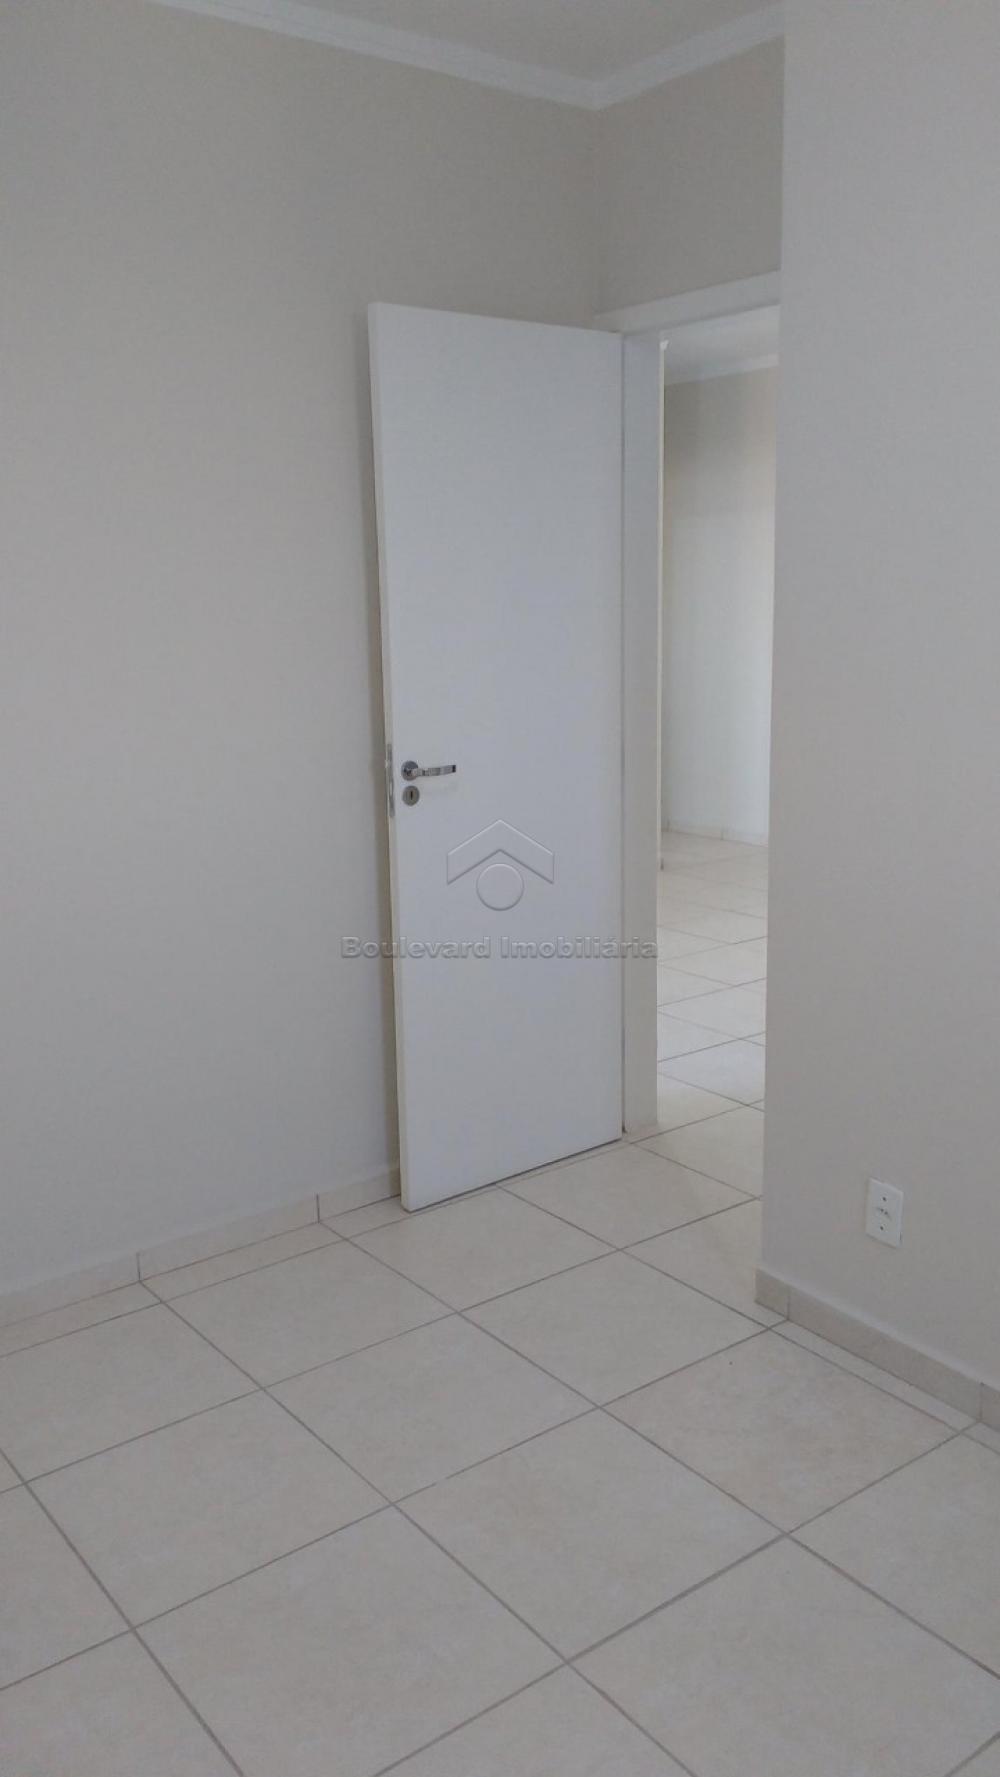 Alugar Apartamento / Padrão em Bonfim Paulista R$ 1.000,00 - Foto 3